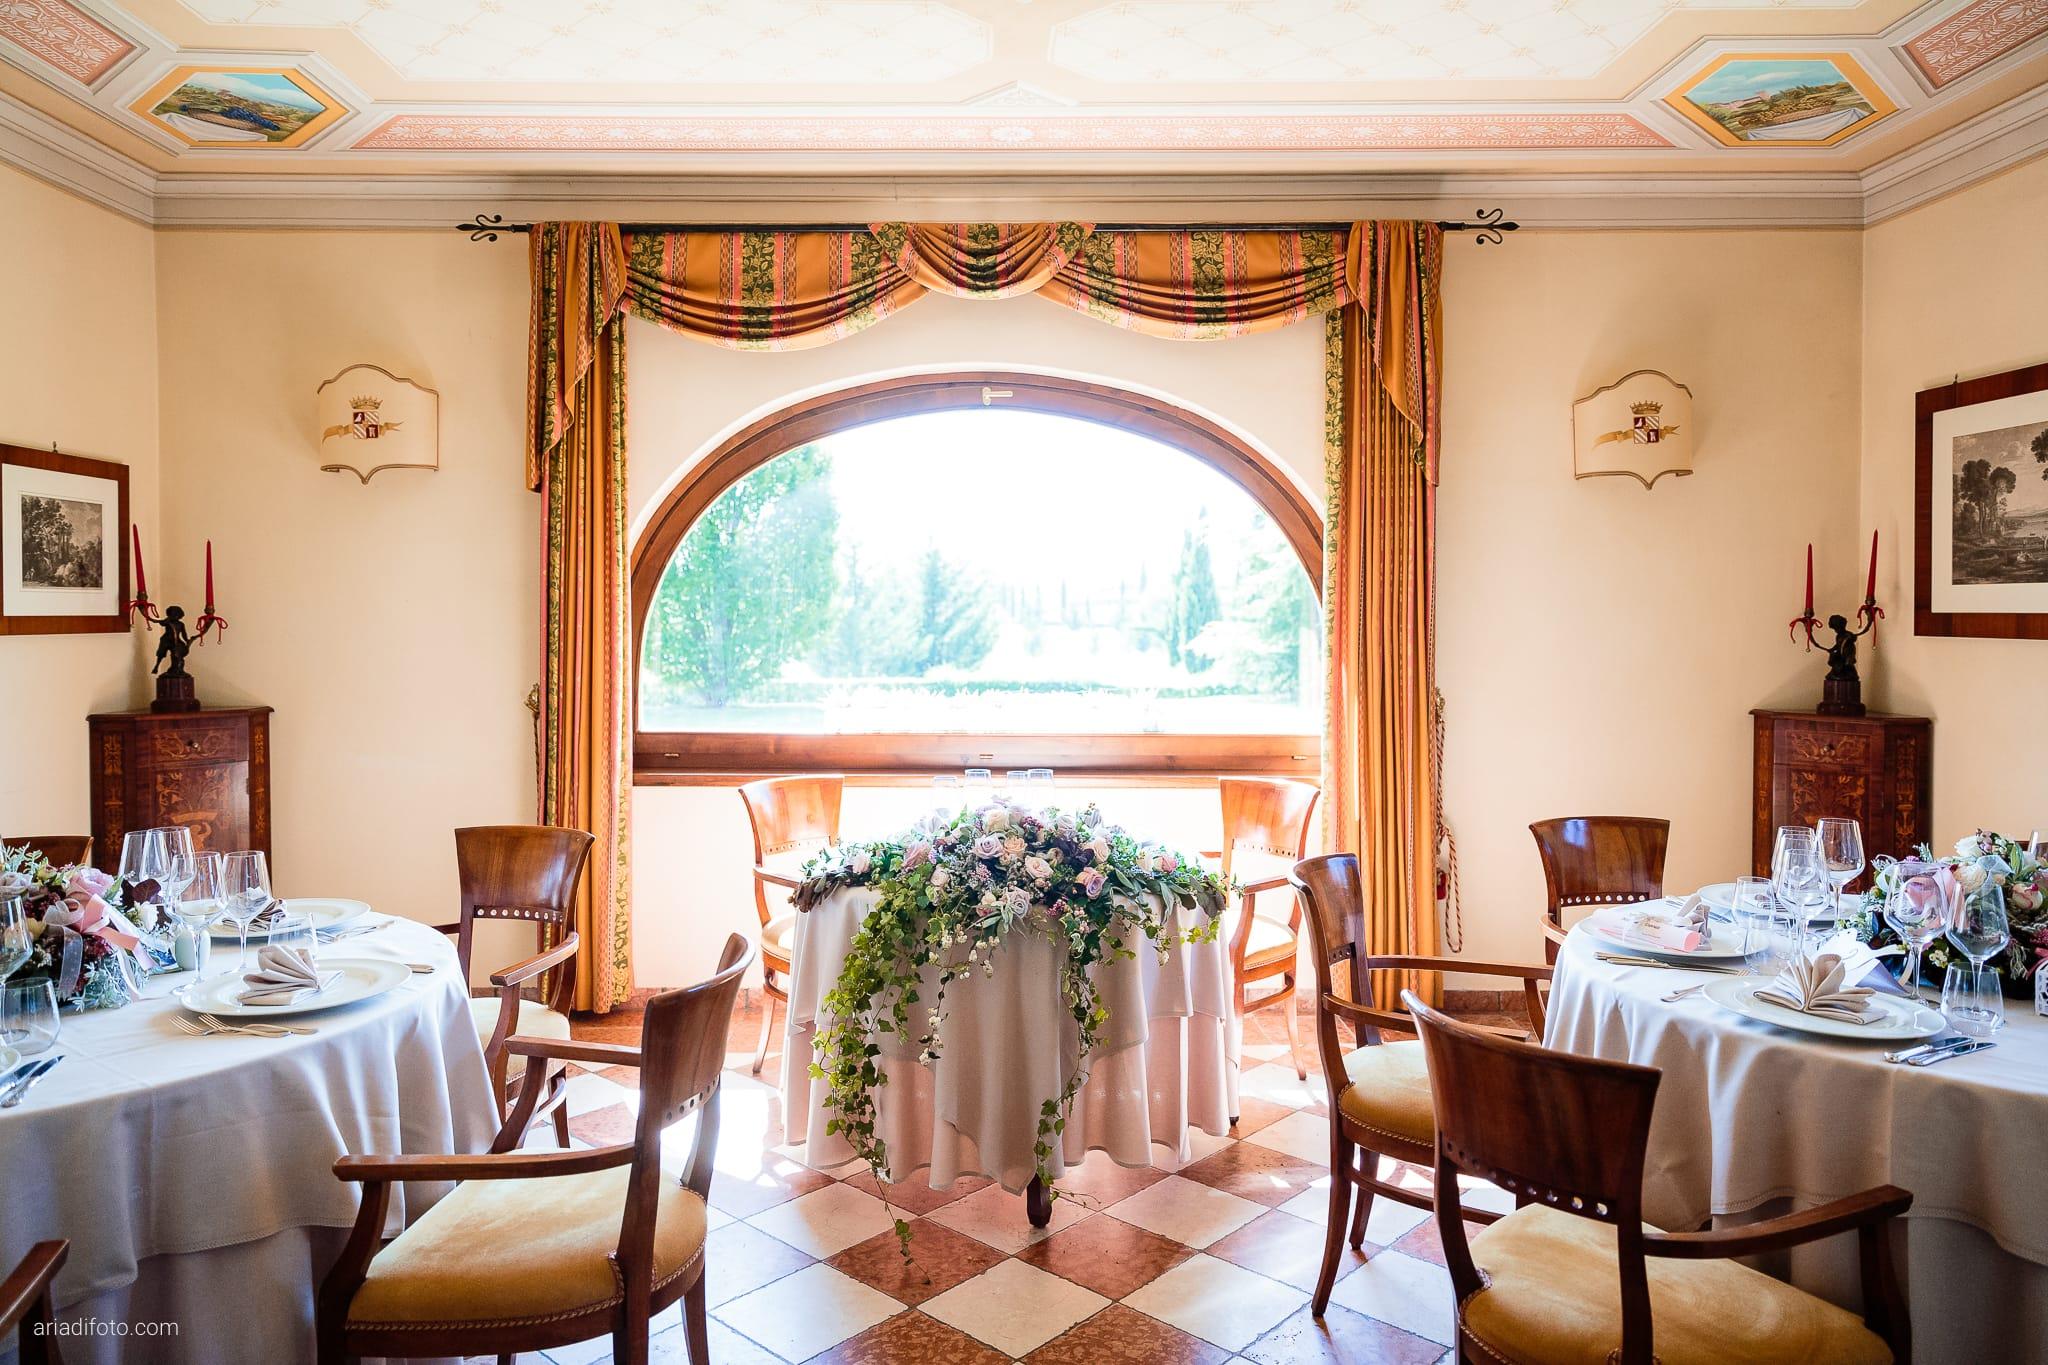 Melania Davide Matrimonio Monrupino Tavernetta Castello di Spessa Capriva Gorizia ricevimento dettagli sala allestimenti decorazioni